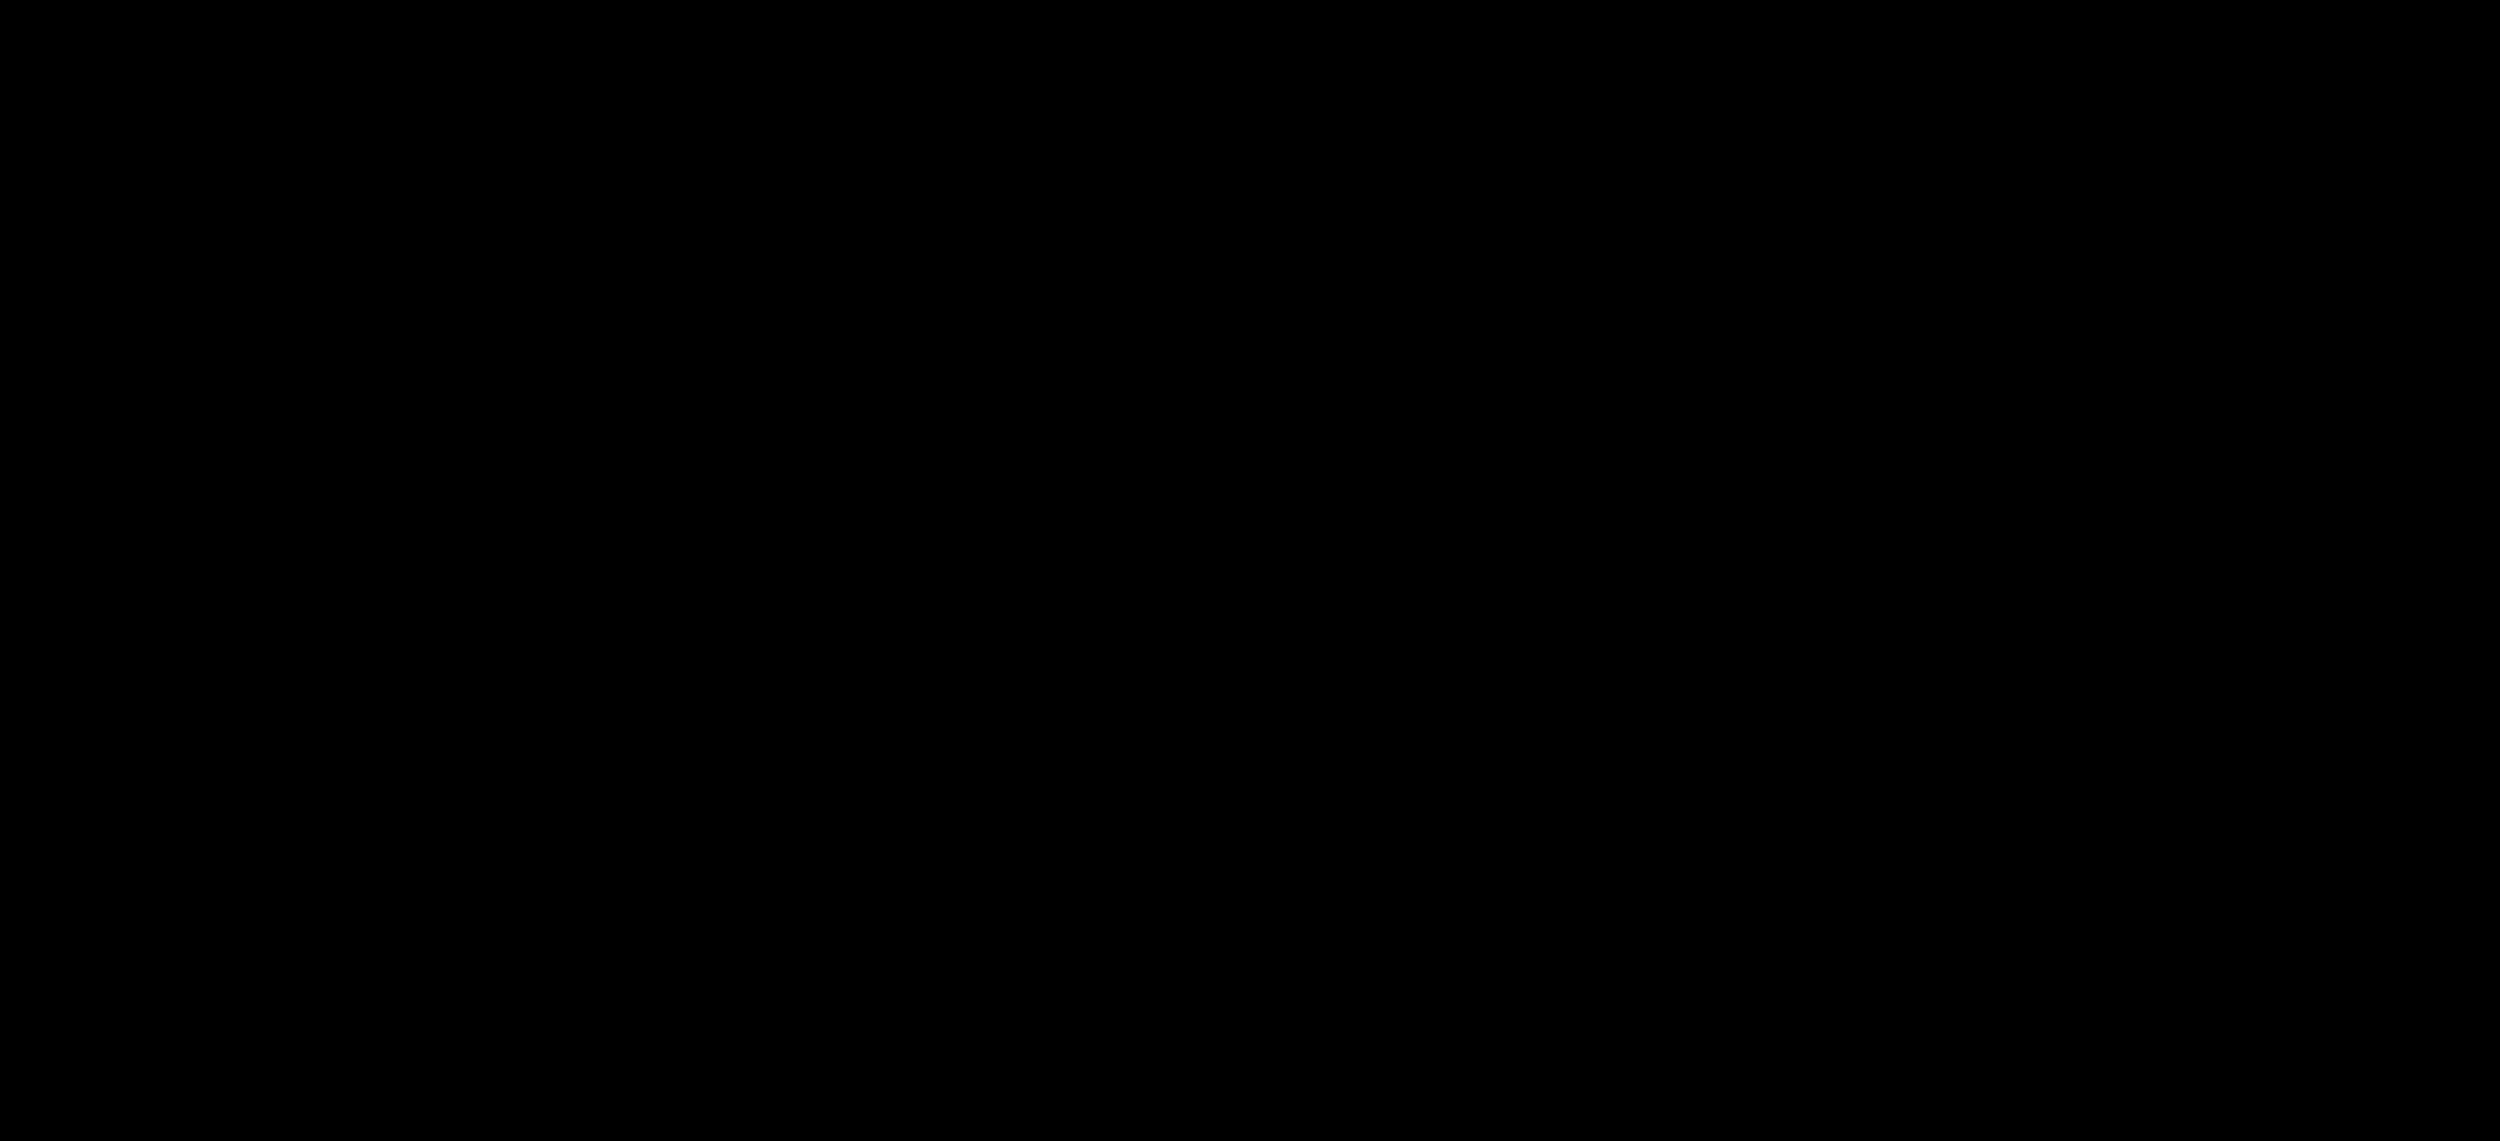 CPFB-Logo_Black.png